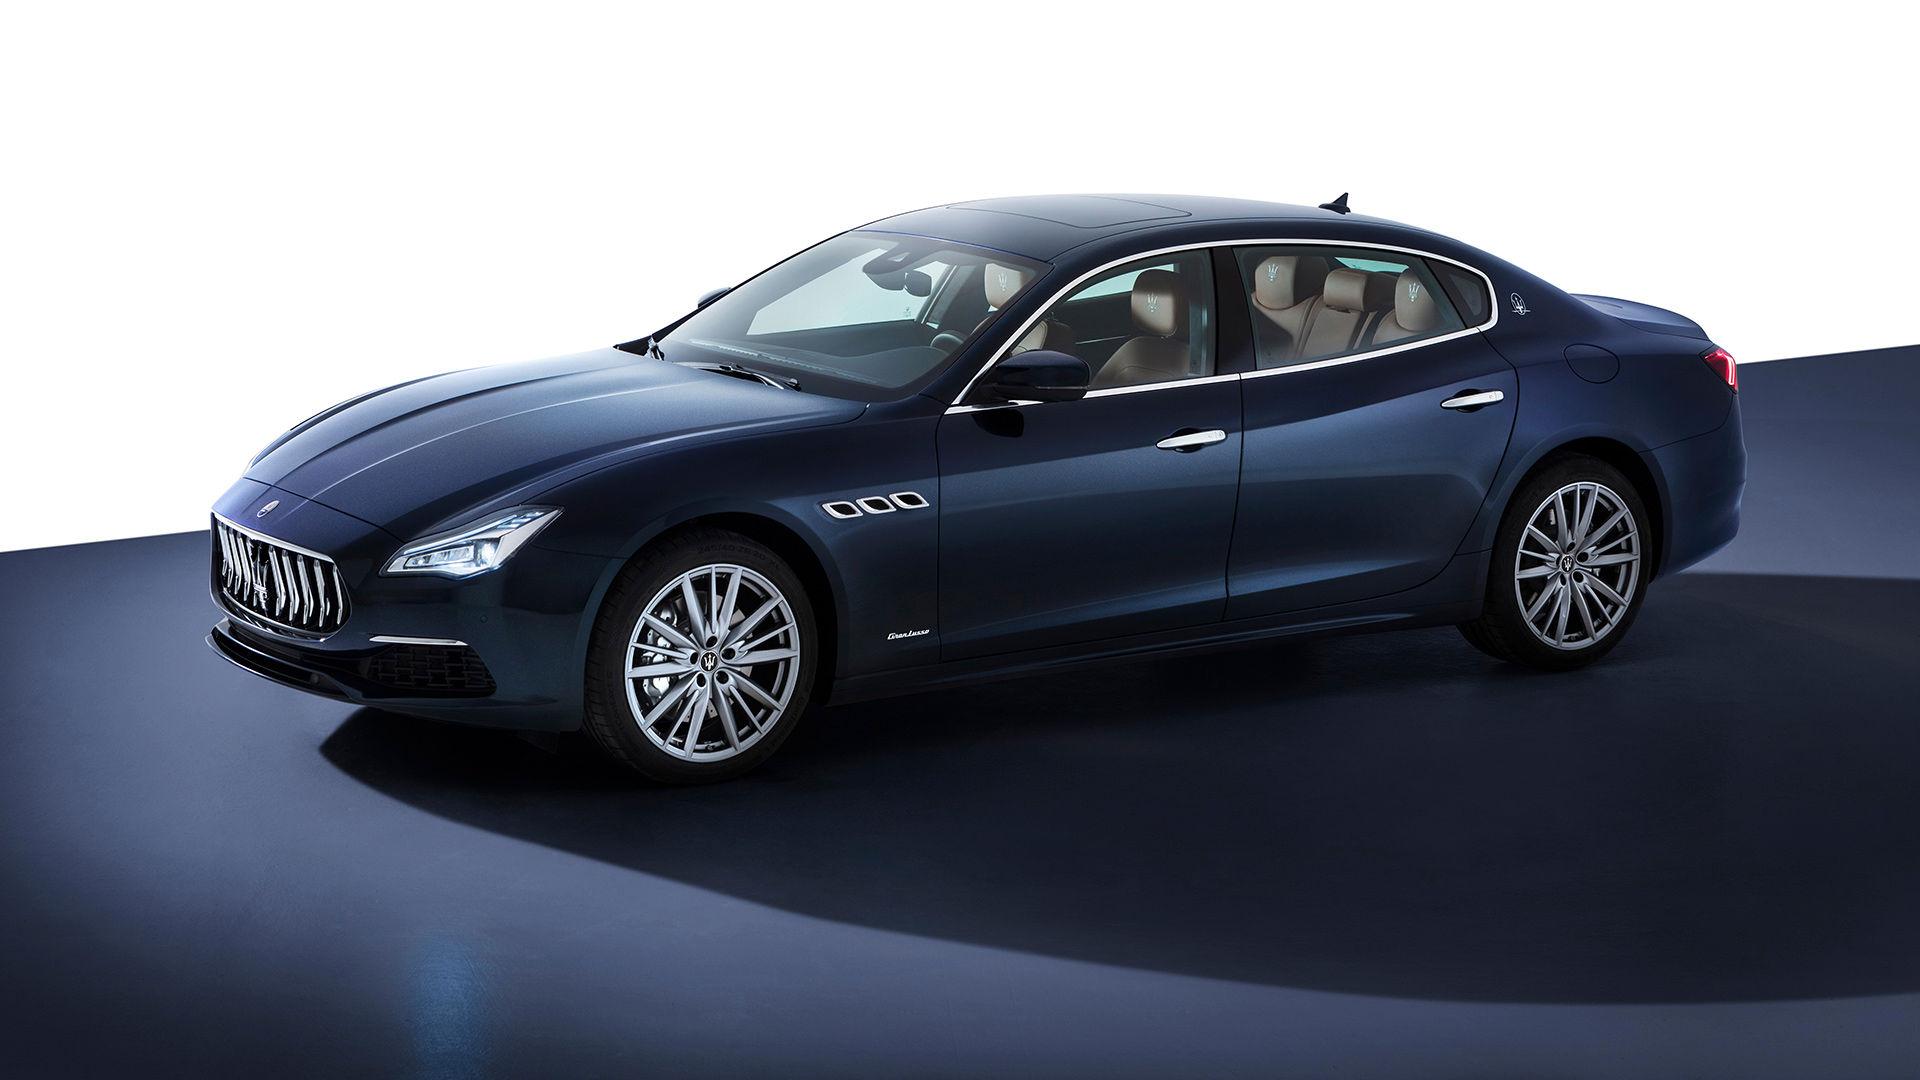 2021 Maserati Quattroporte Review